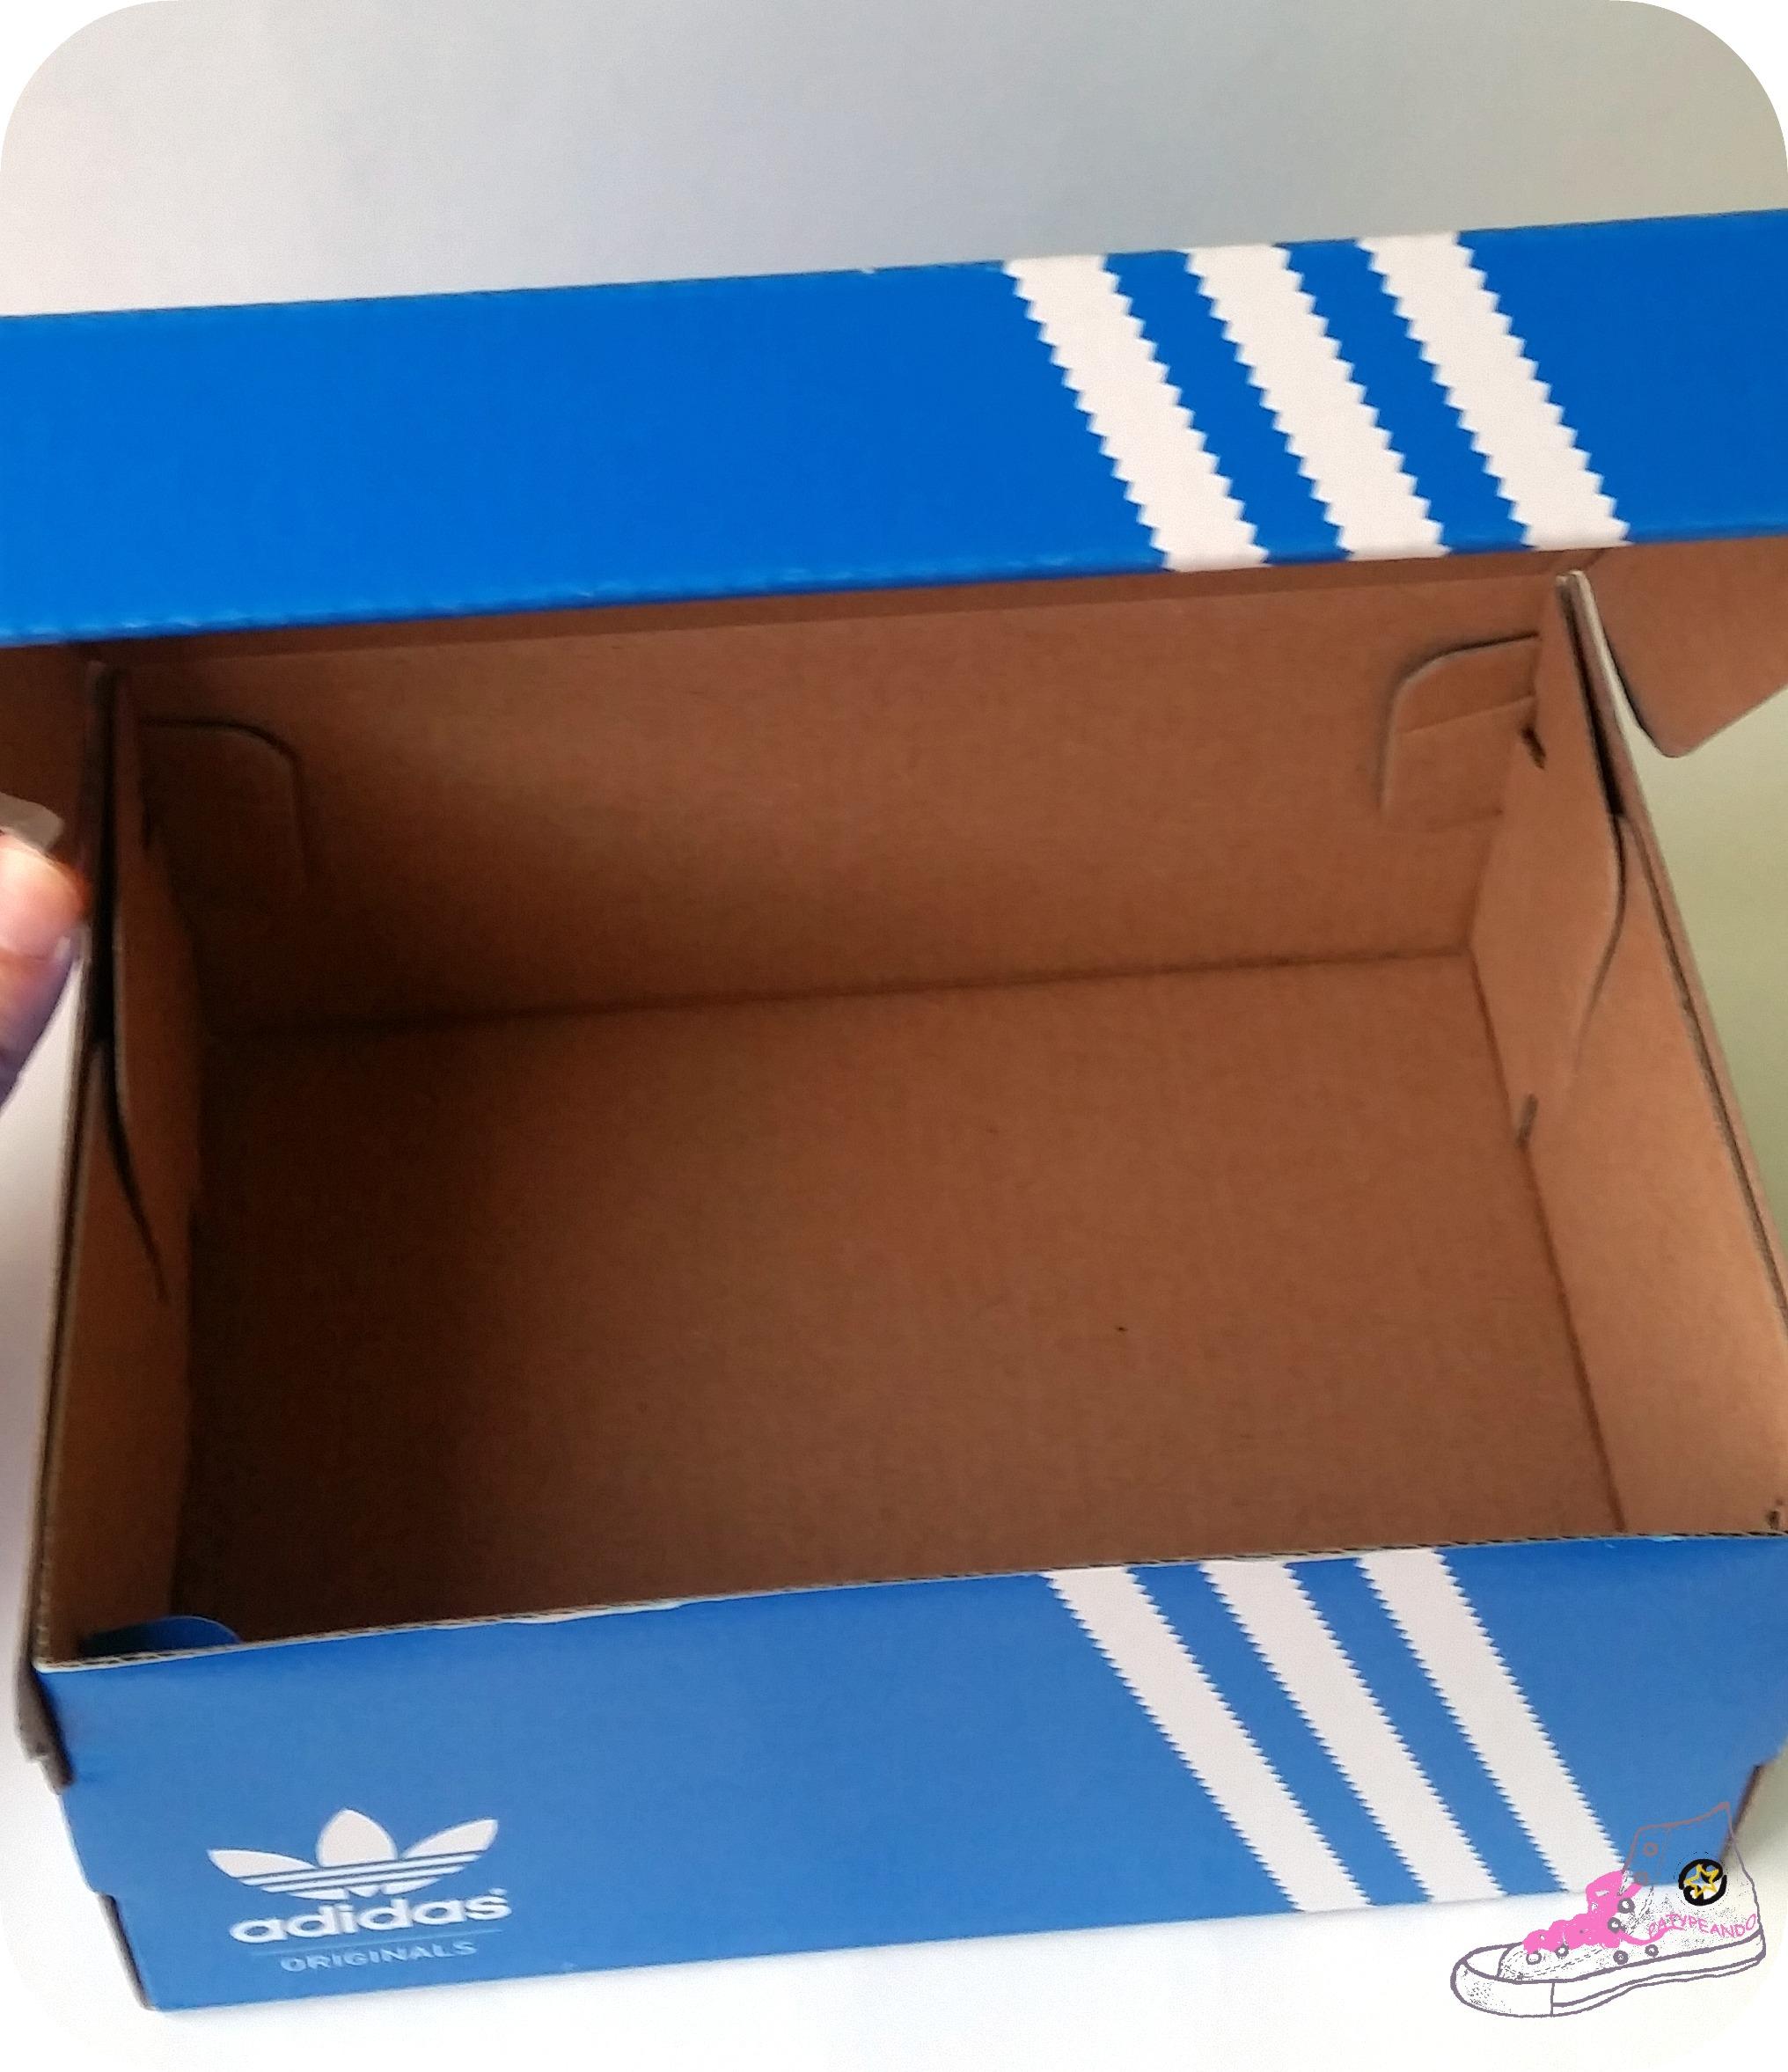 Para Ahorrar Caja Hucha Una Handbox A De Zapatos Diy Partir ZHSaqgwg